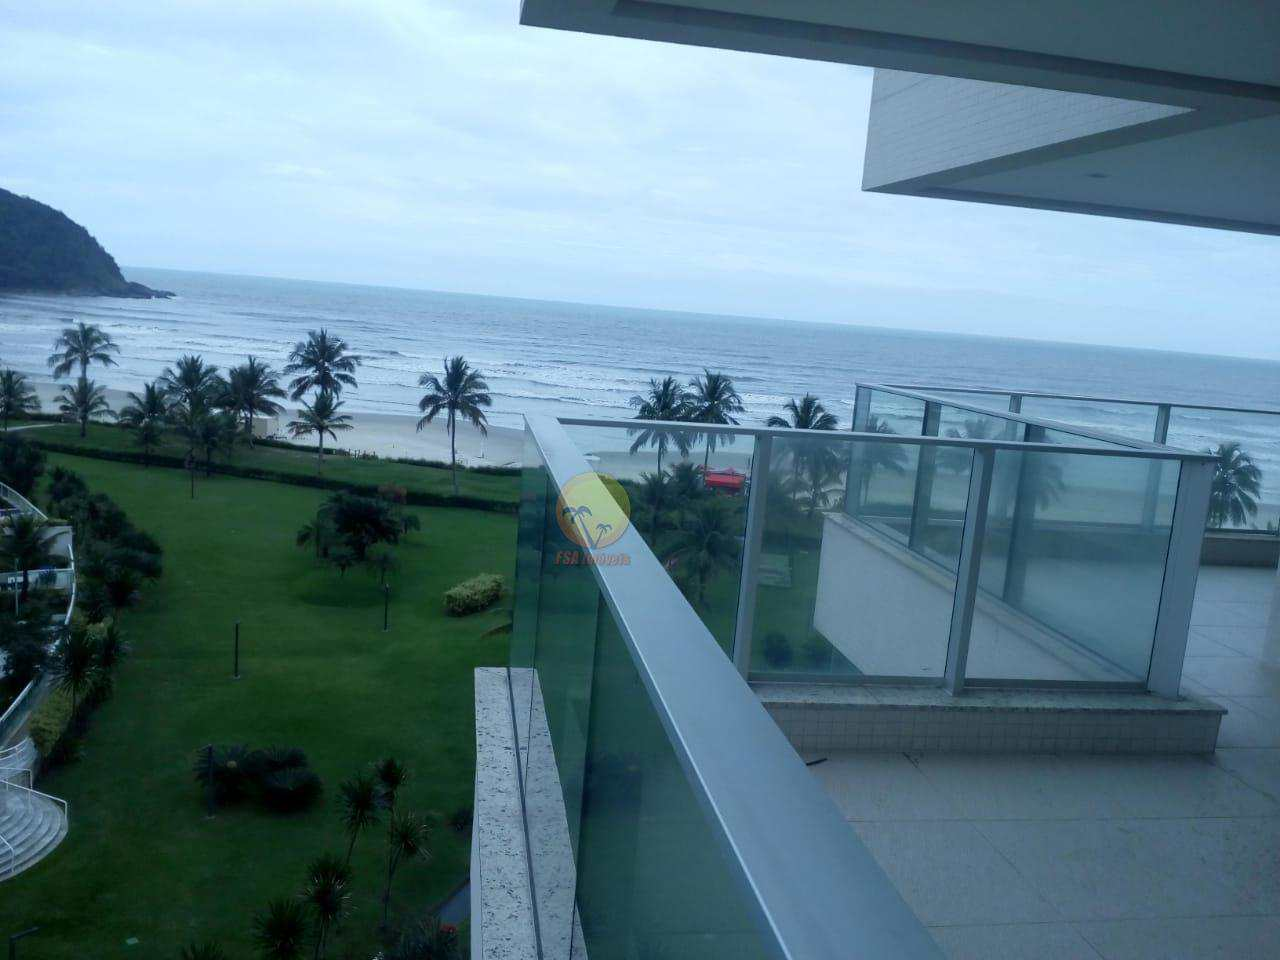 Apartamento com 5 dorms, Riviera de São Lourenço, Bertioga - R$ 5.700.000,00, 230m² - Codigo: 3419